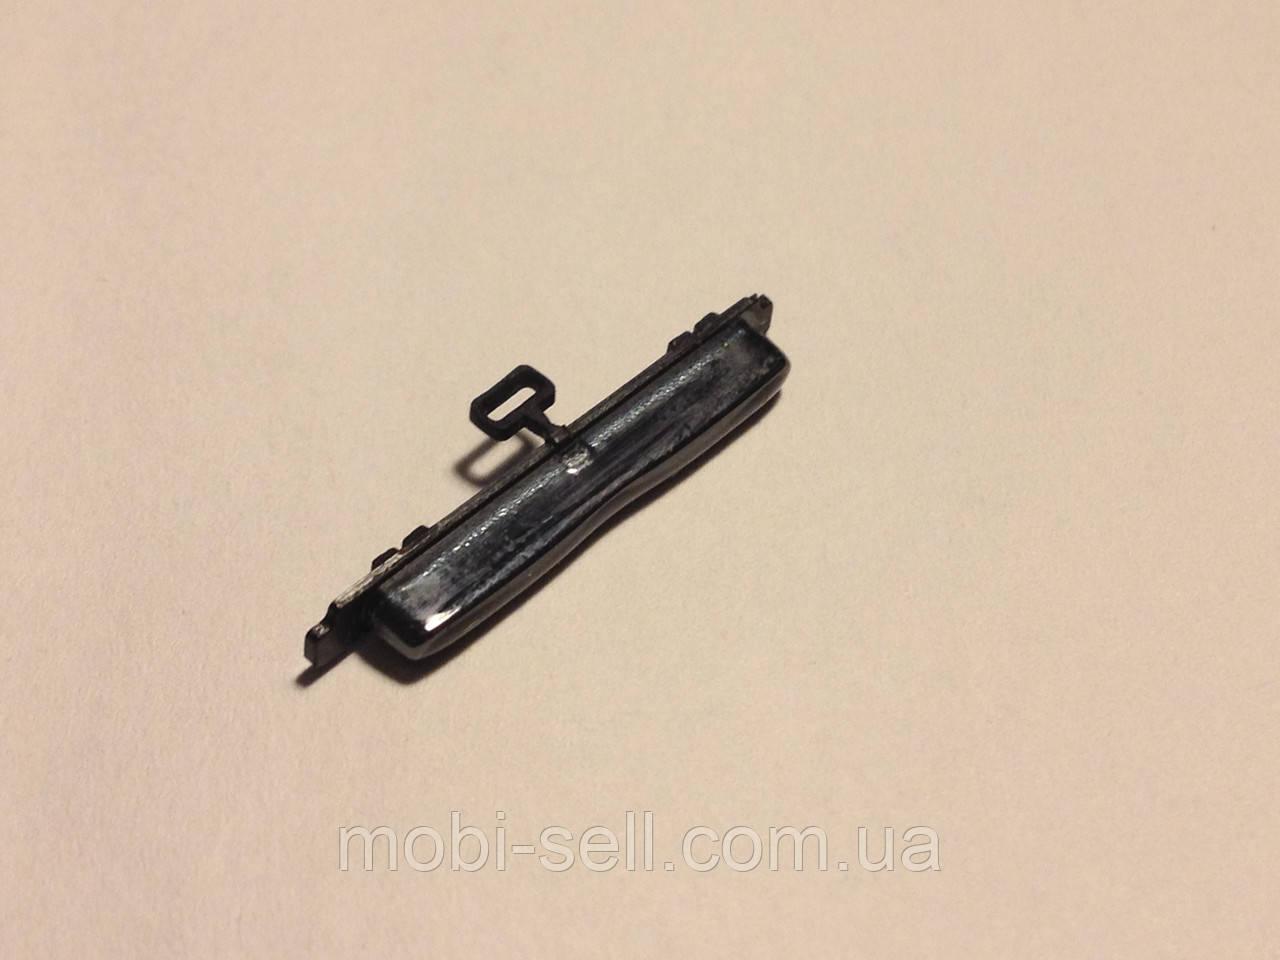 Samsung T989 кнопка, качелька кнопок громкости, кнопки громкости (пластик)